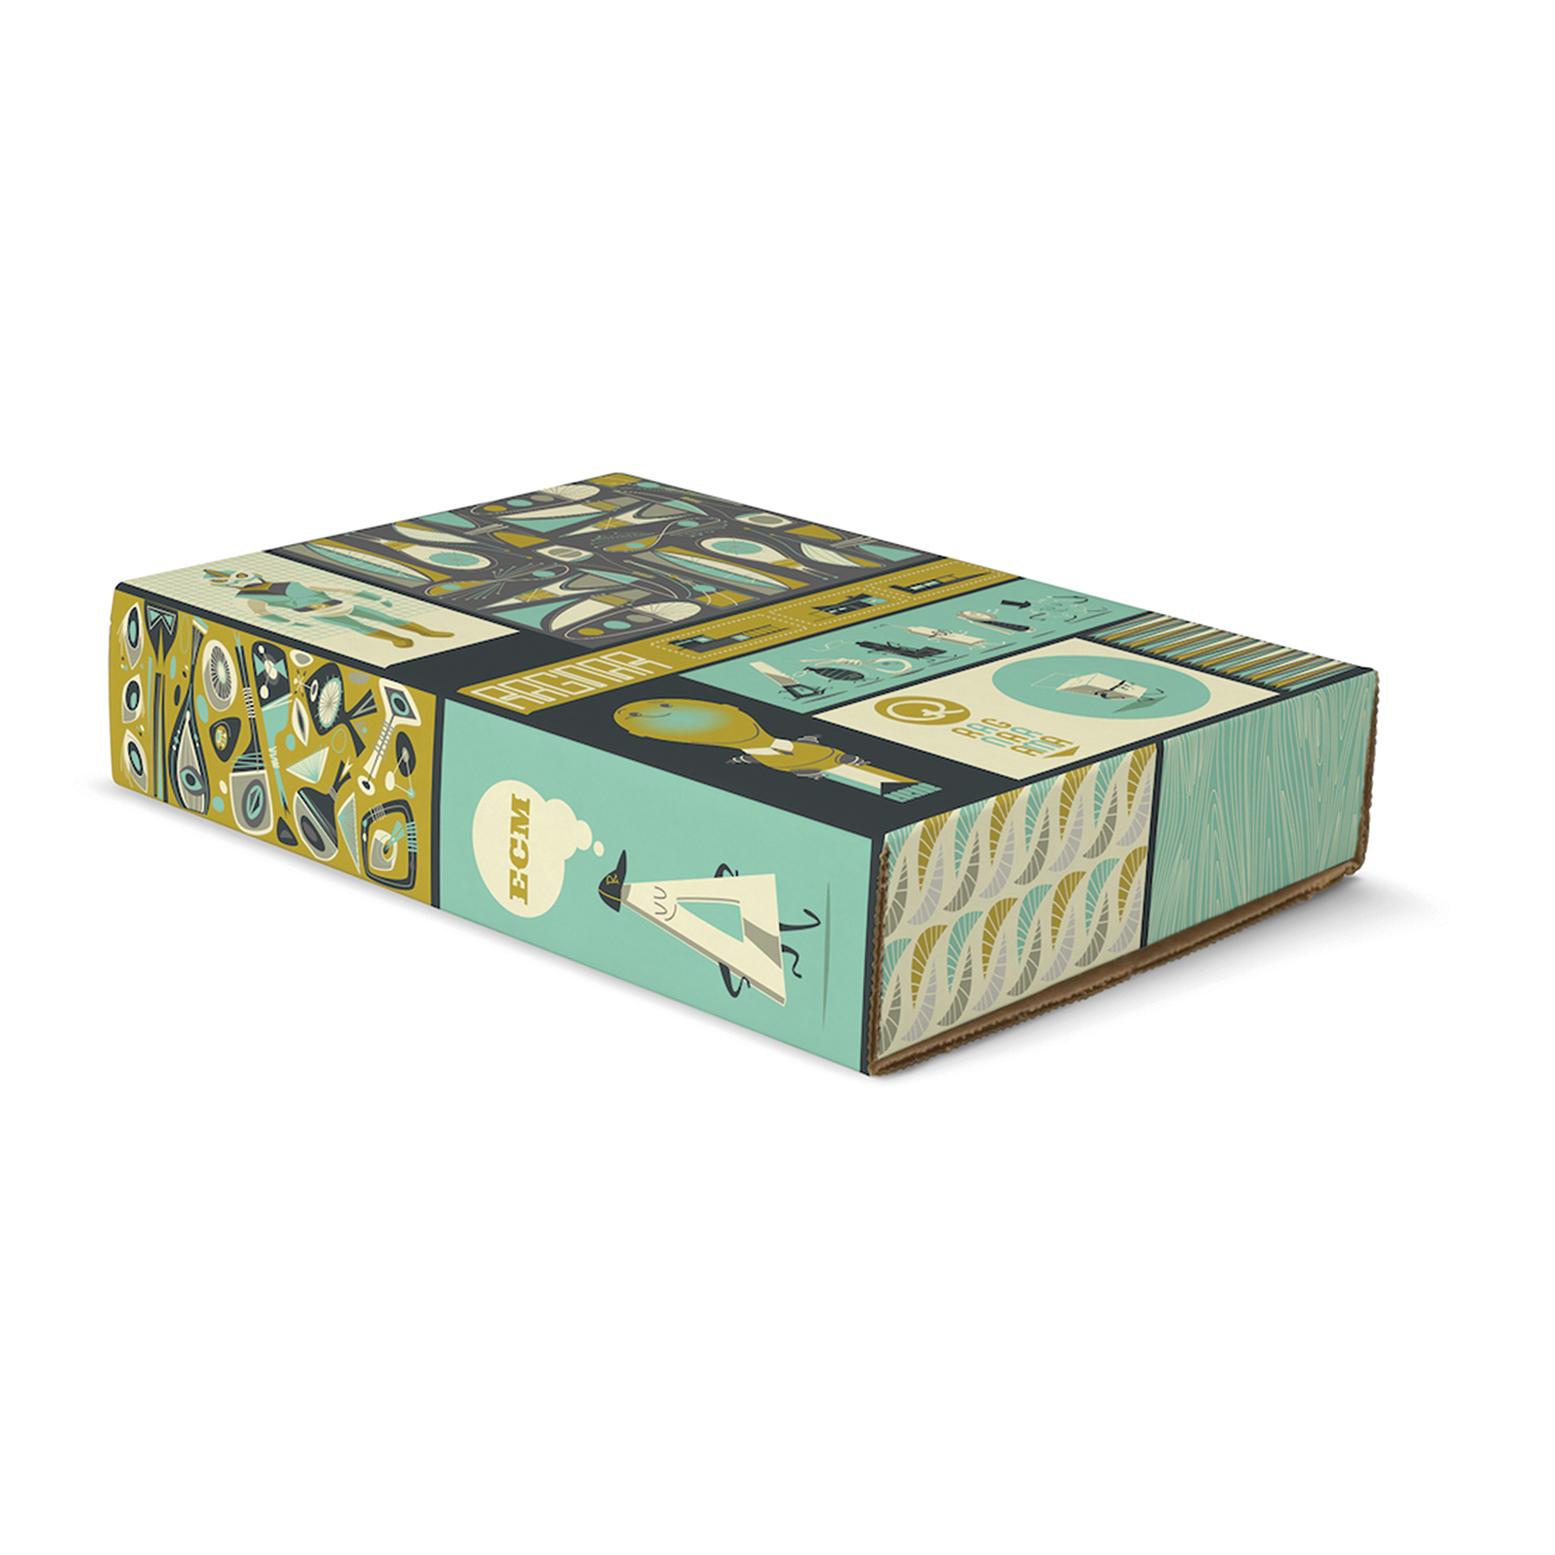 Ragnarama Box Pack